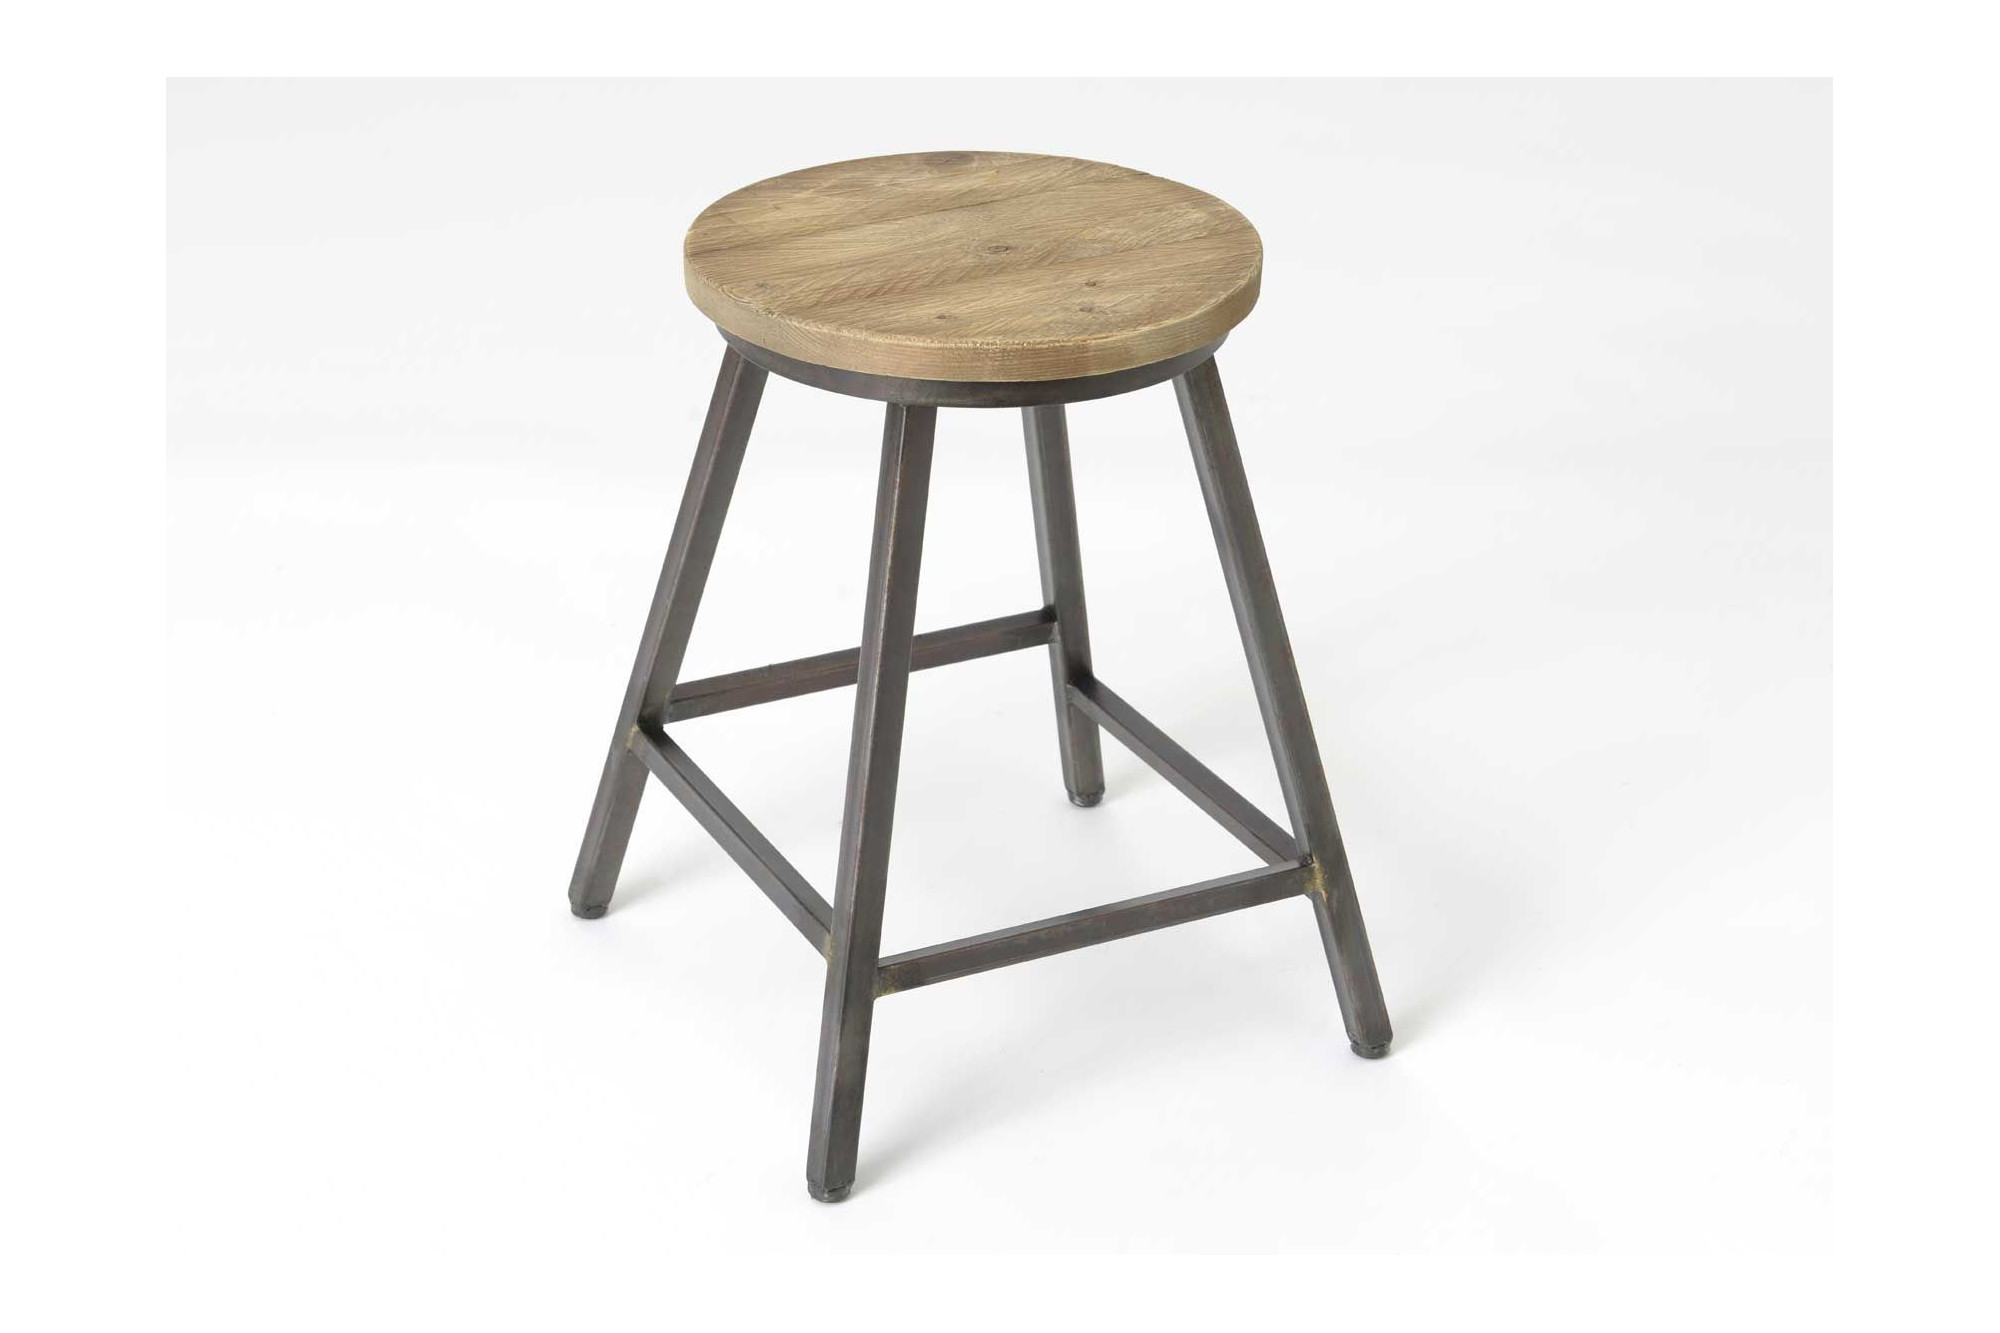 tabouret metal bois style atelier hellin. Black Bedroom Furniture Sets. Home Design Ideas